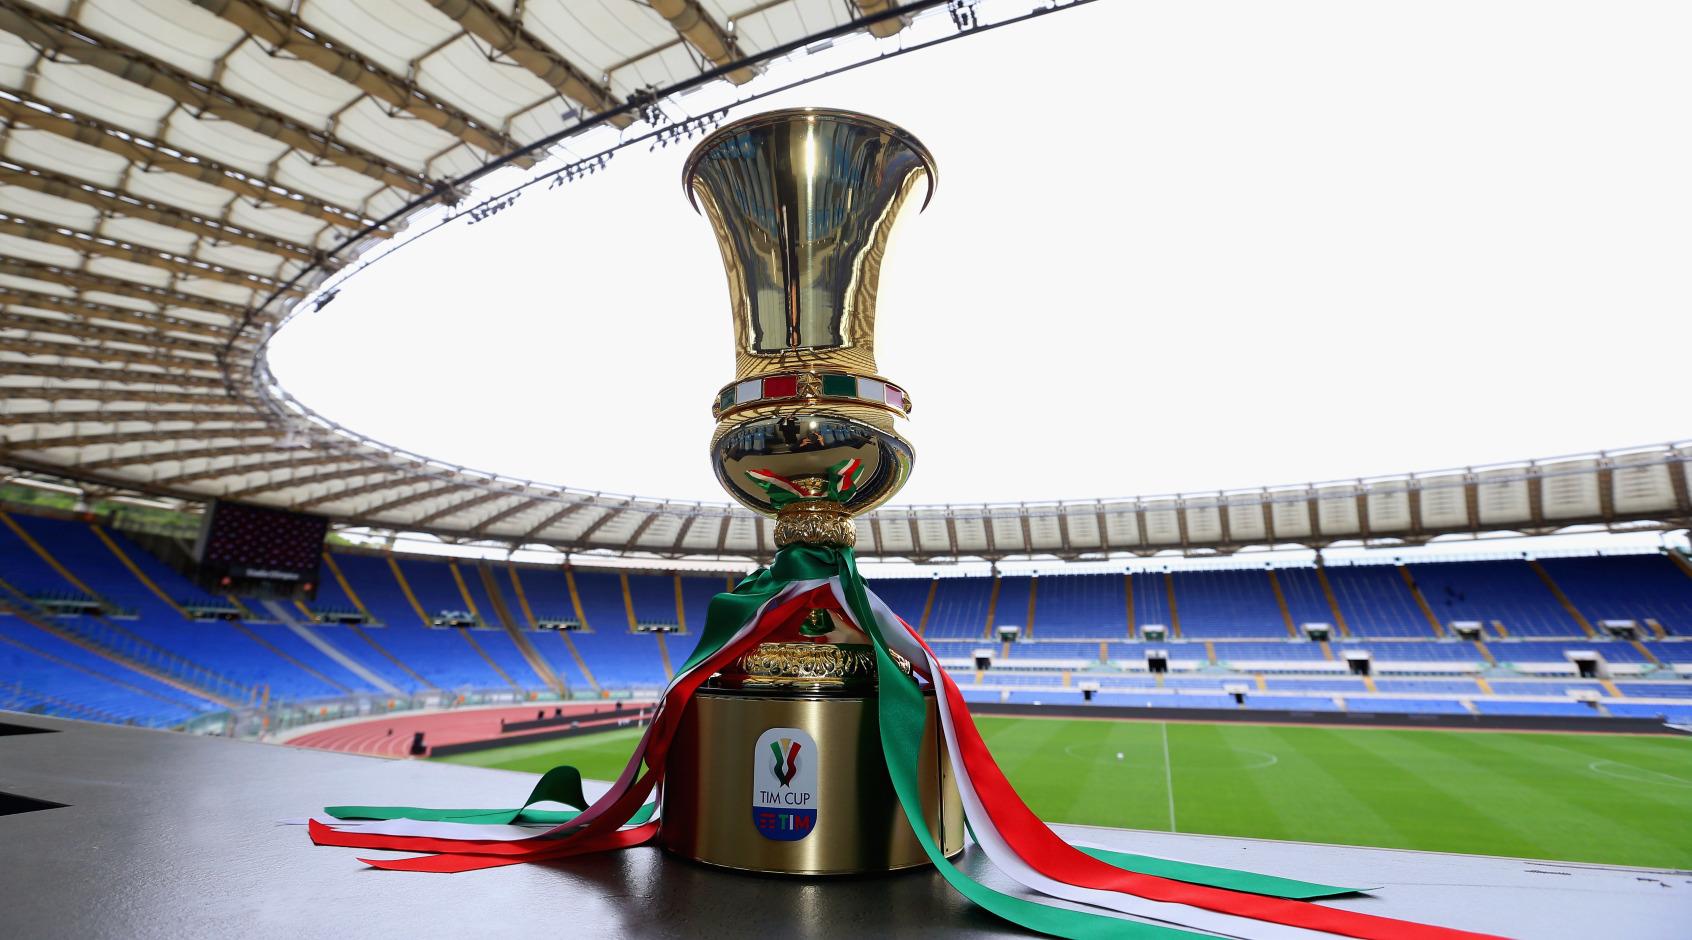 Кубок Италии 2020/21: гипотетическое миланское дерби в четвертьфинале (+Фото)